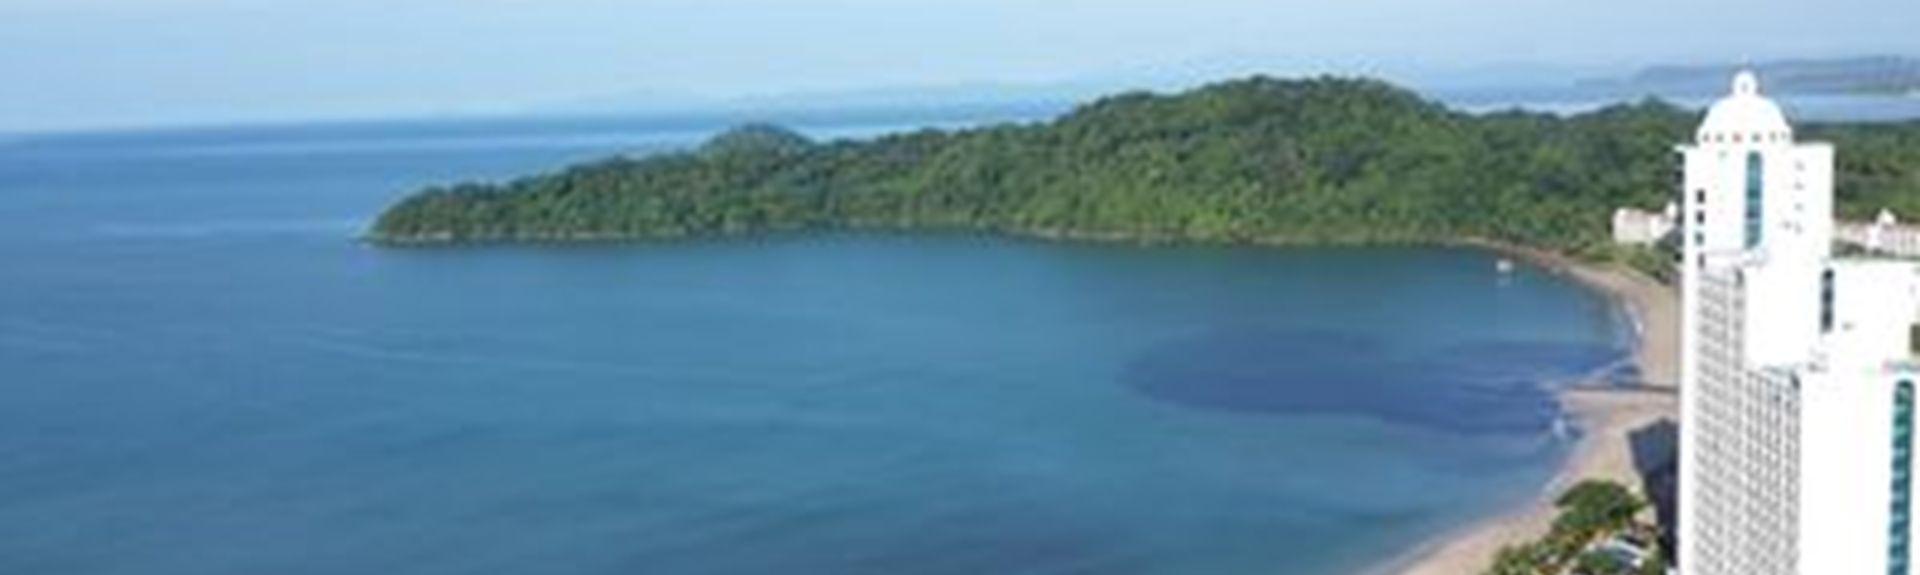 Panamá Oeste Province, Panama